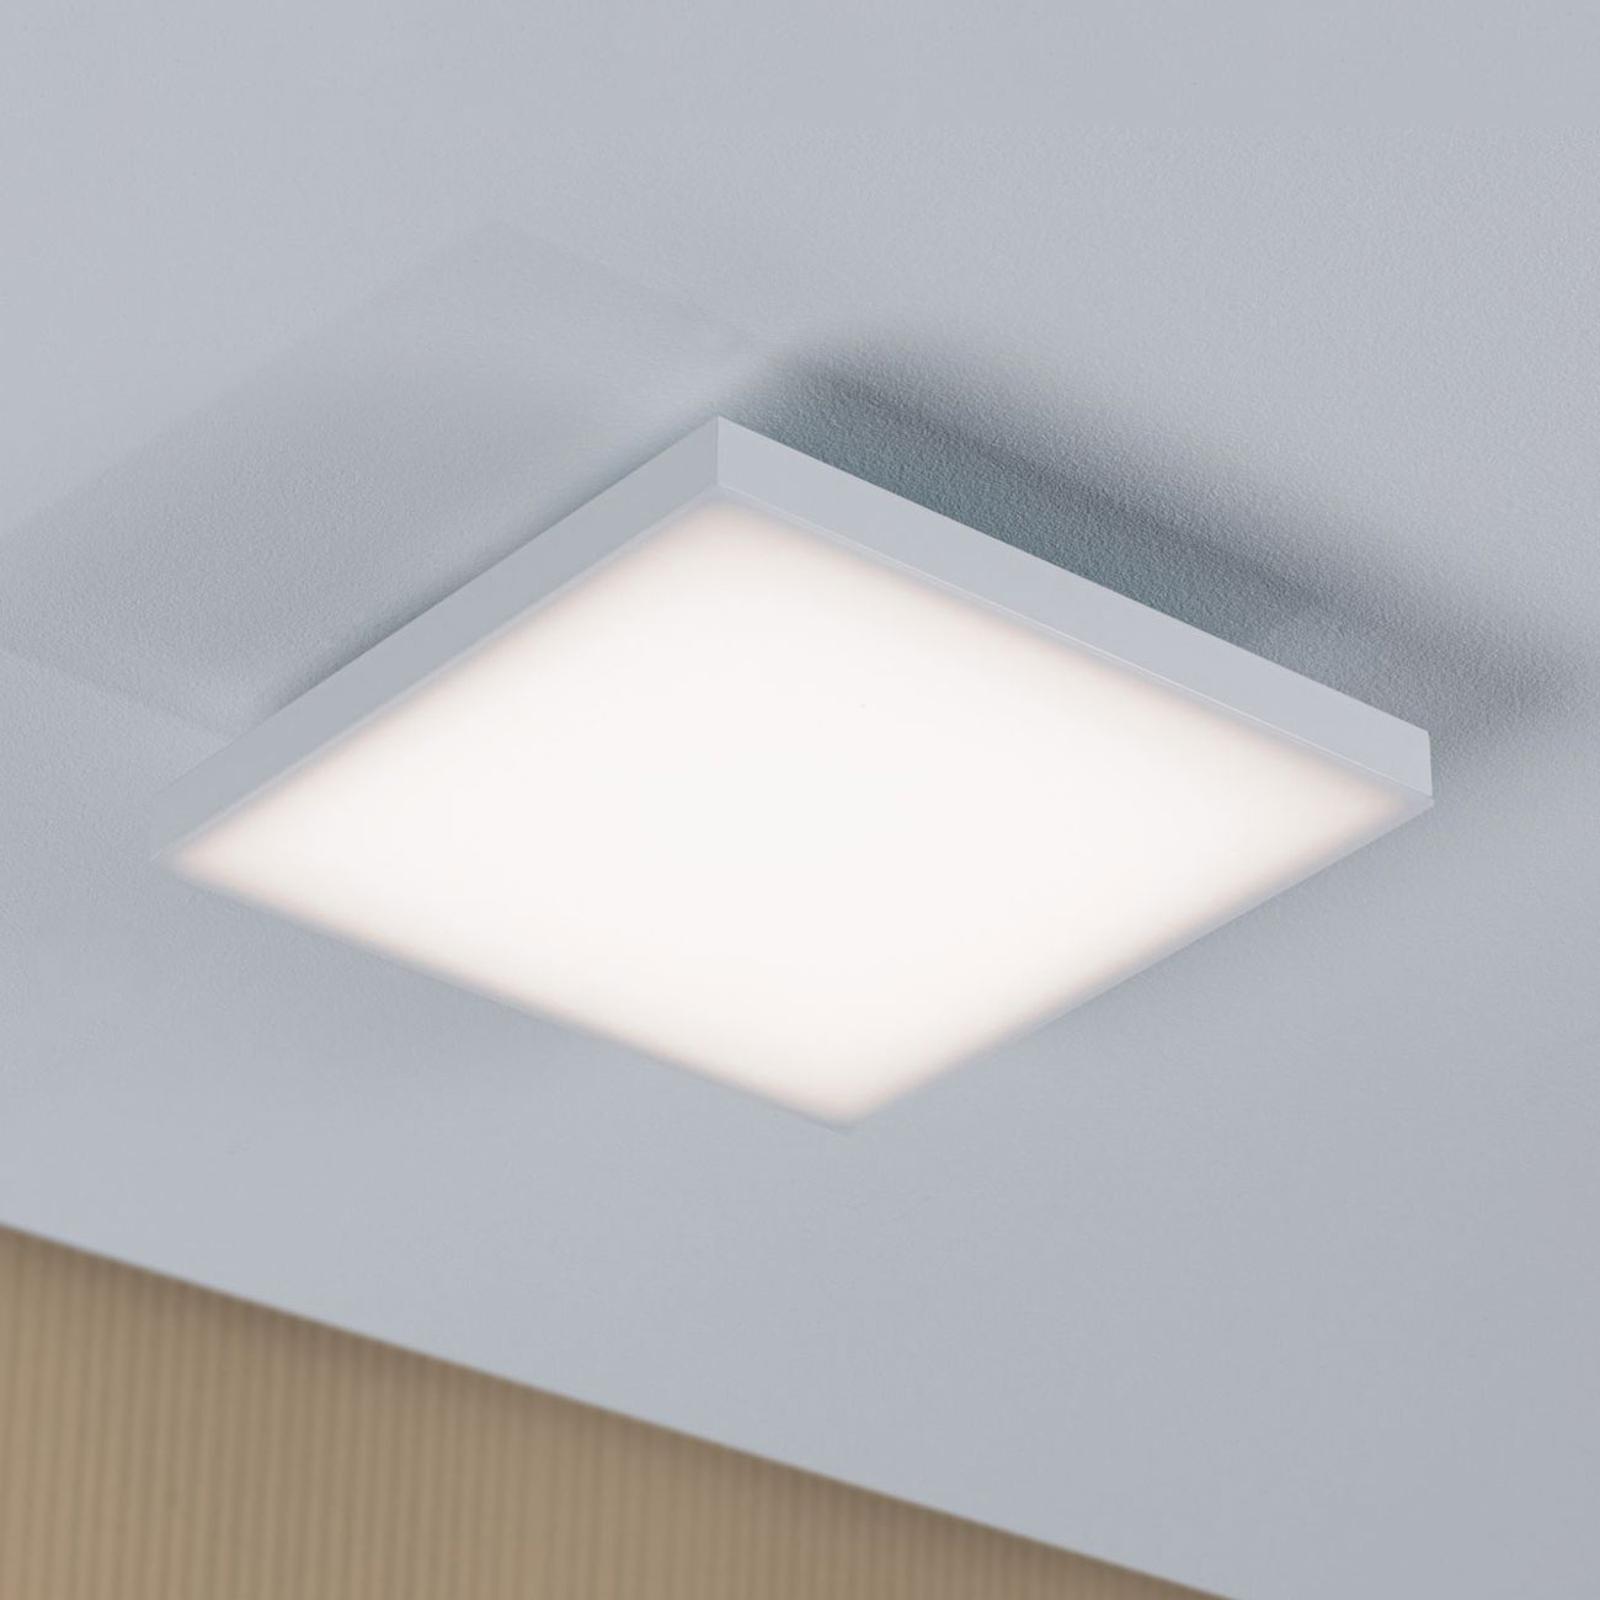 Paulmann Velora LED-taklampe, 22,5 cm x 22,5 cm